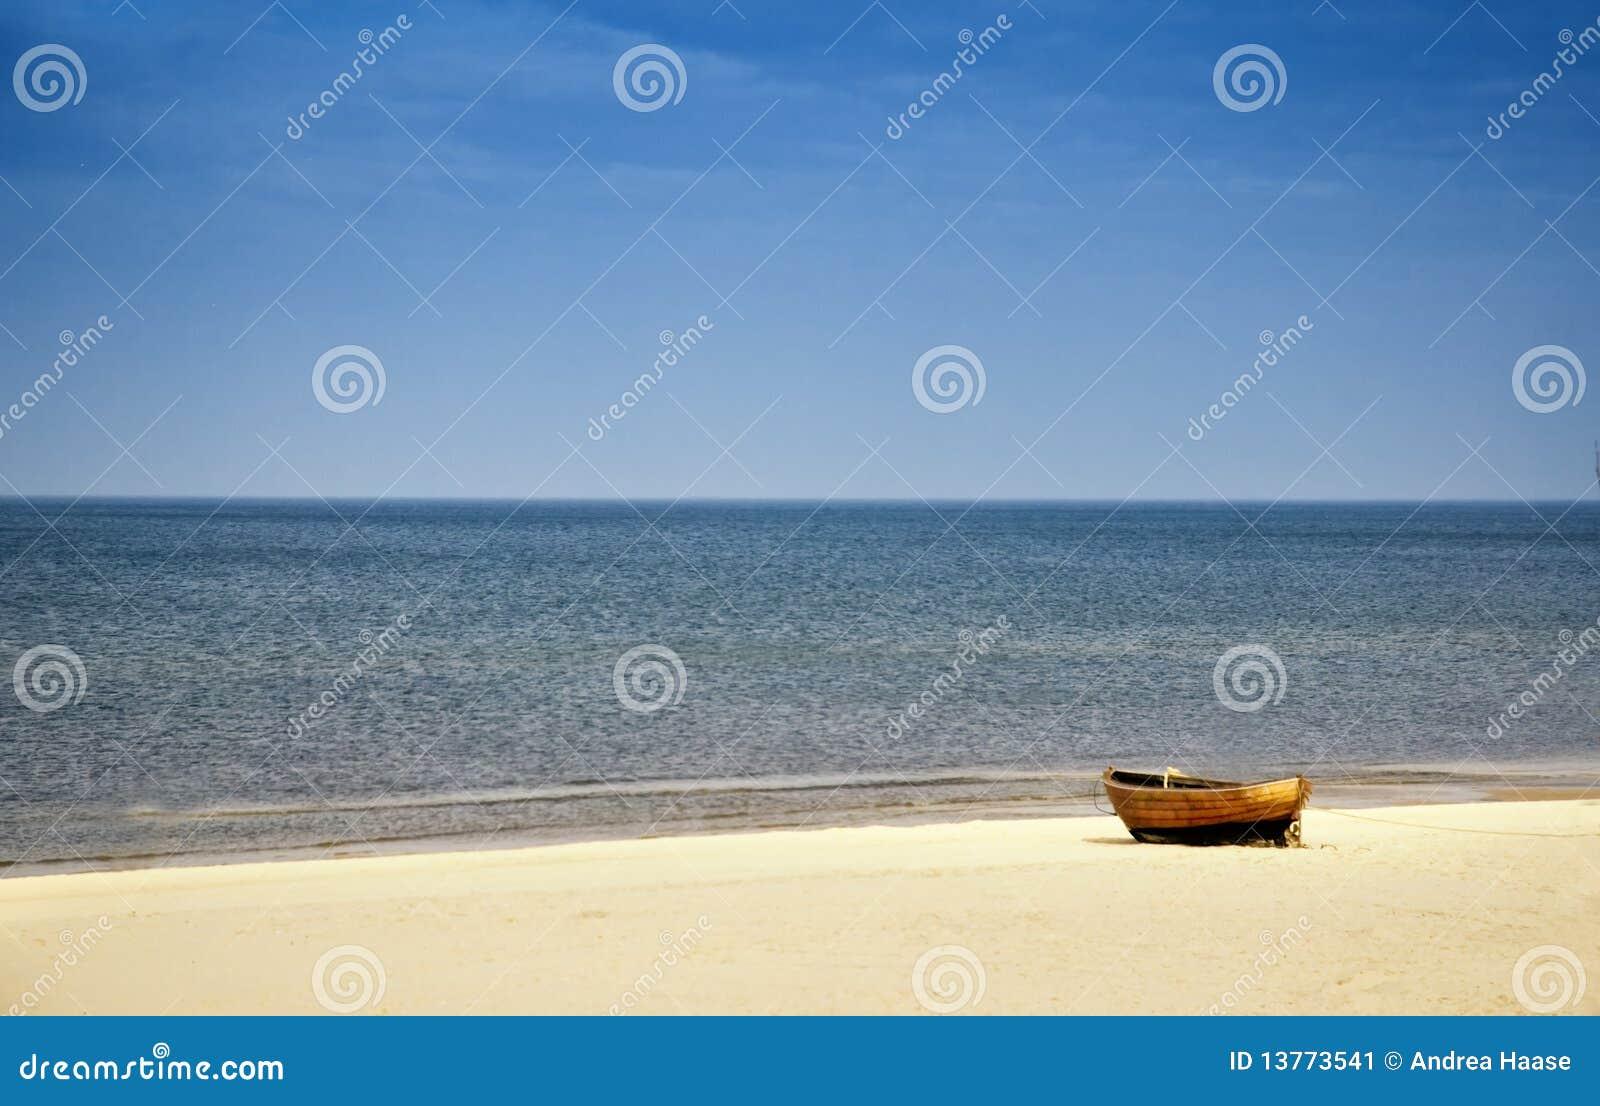 Beach at Baltic Sea